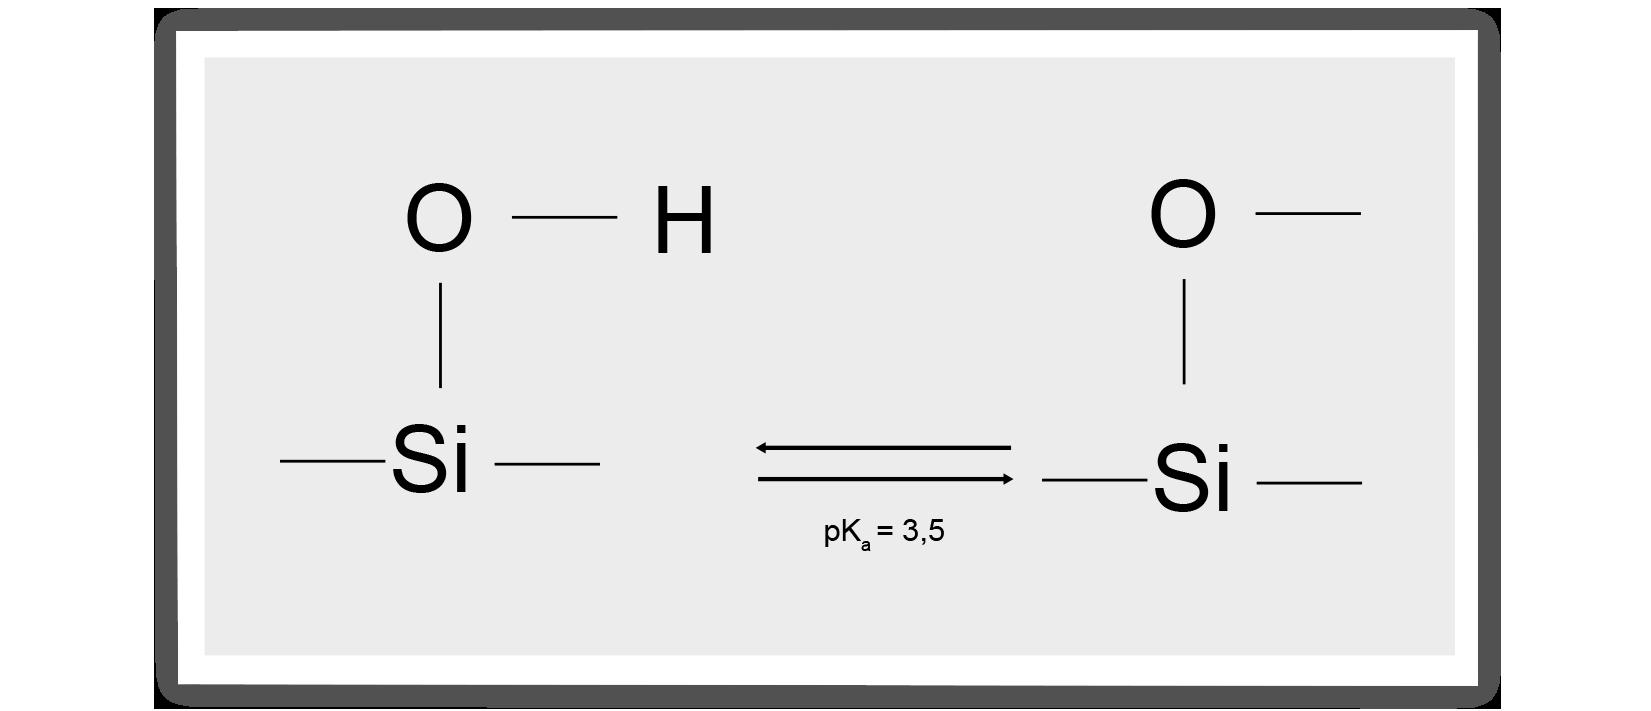 chromatography, silanols, protonated form, peak shape silanols